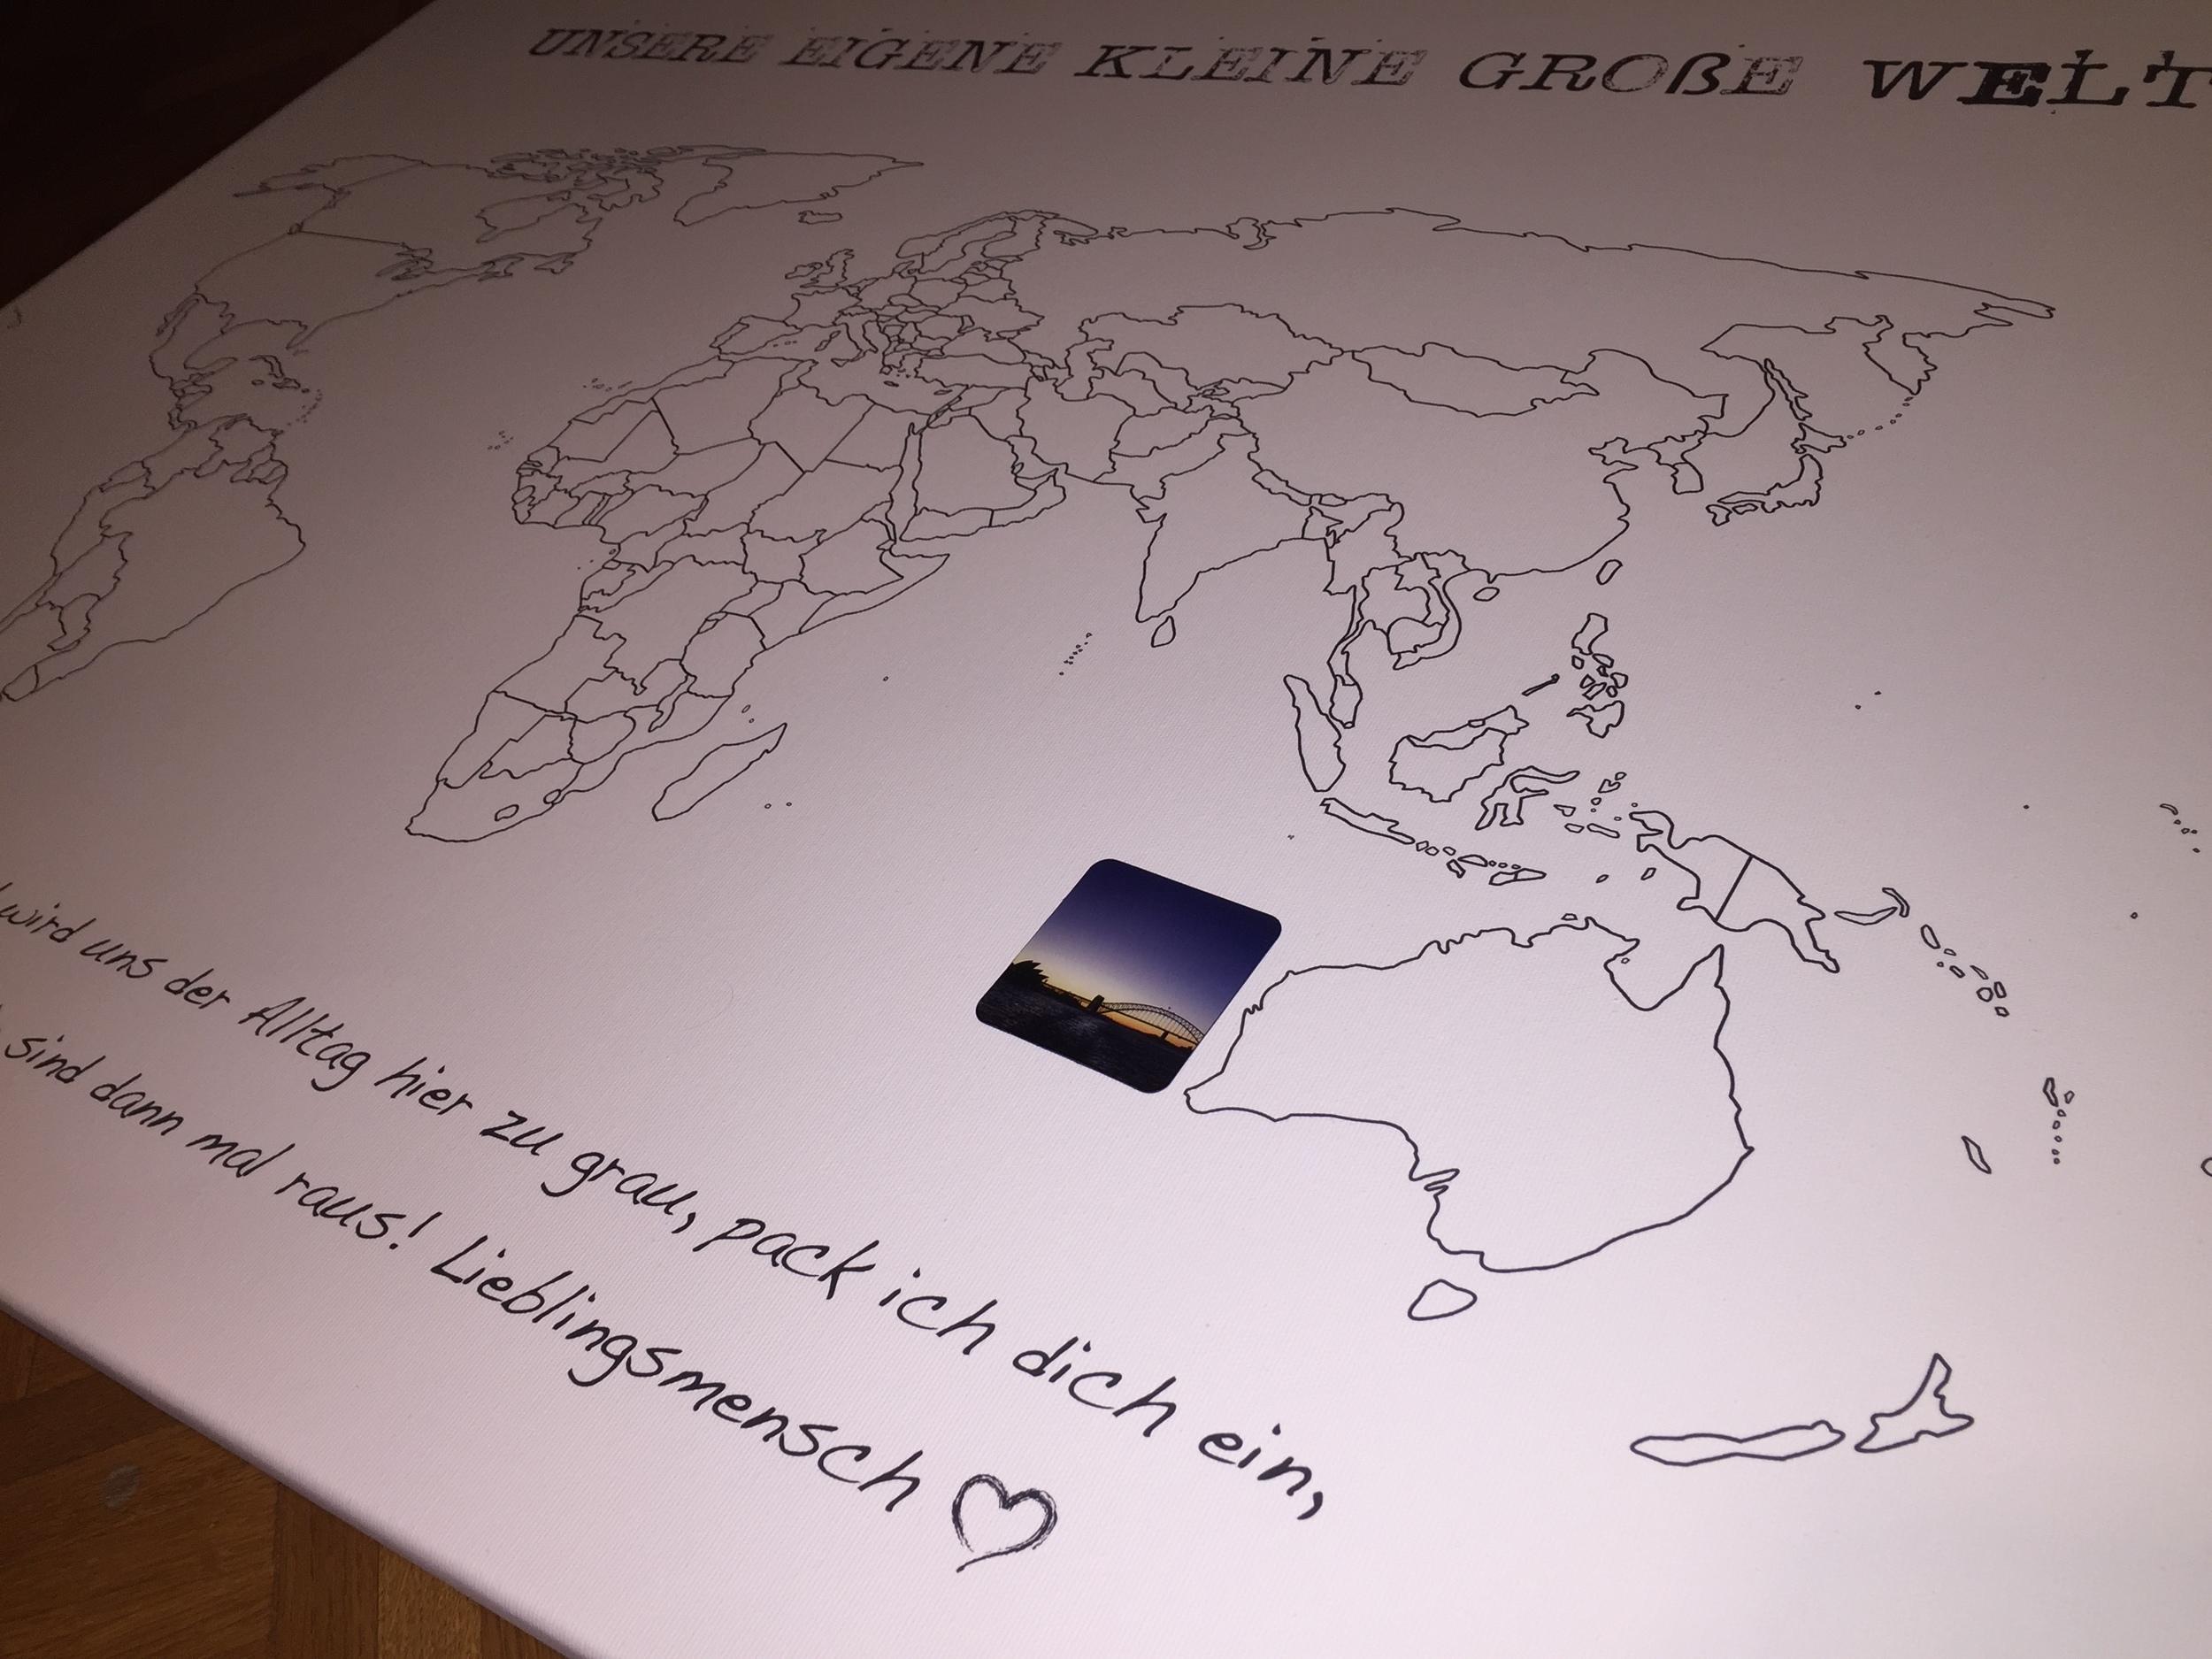 Weltkarte zum Ausmalen.JPG